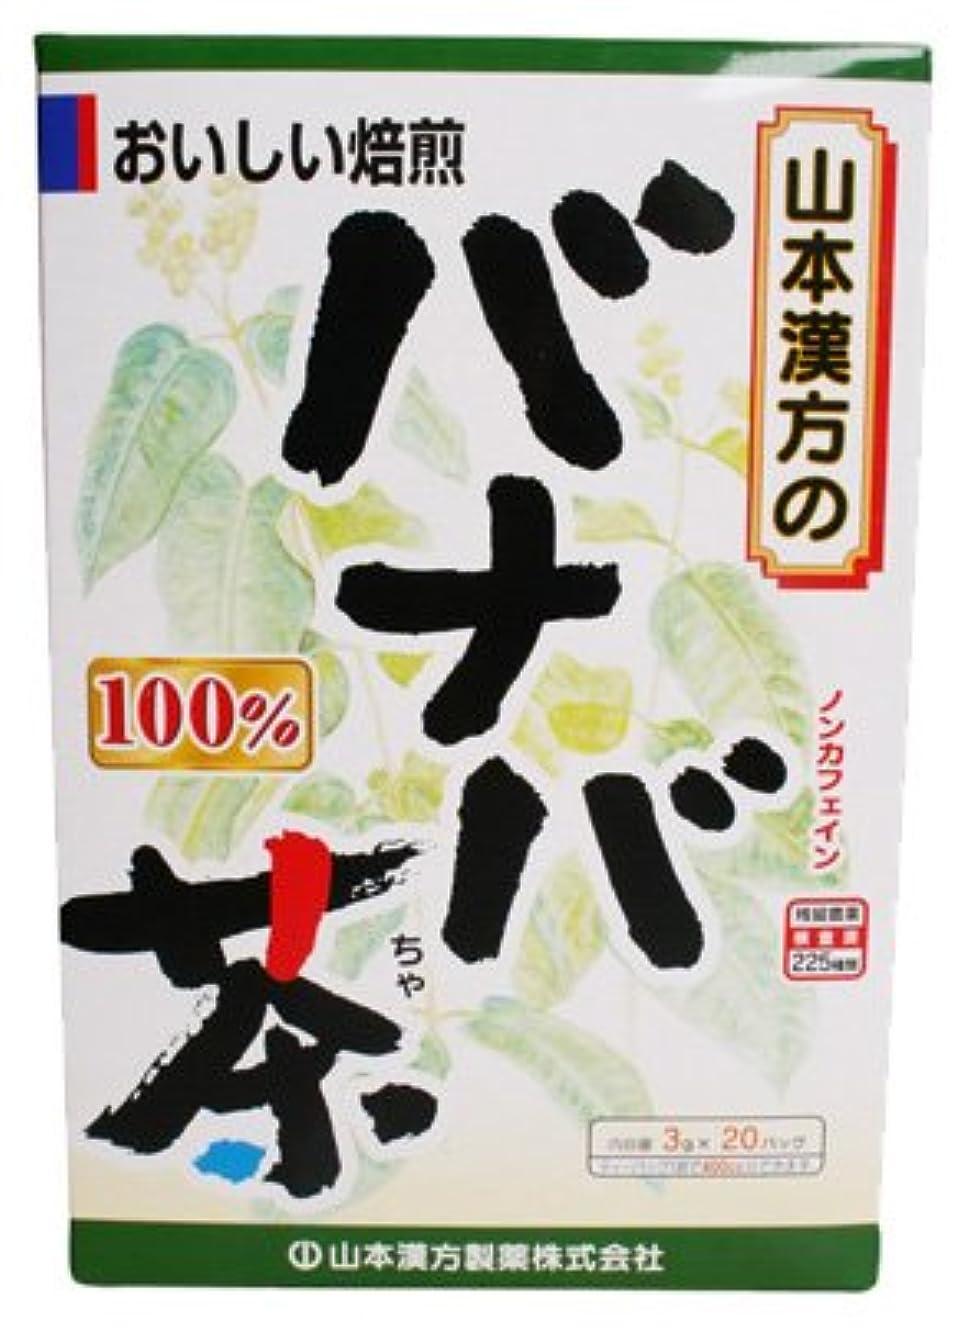 アシスト愛人腐敗した山本漢方製薬 バナバ茶100% 3gX20H